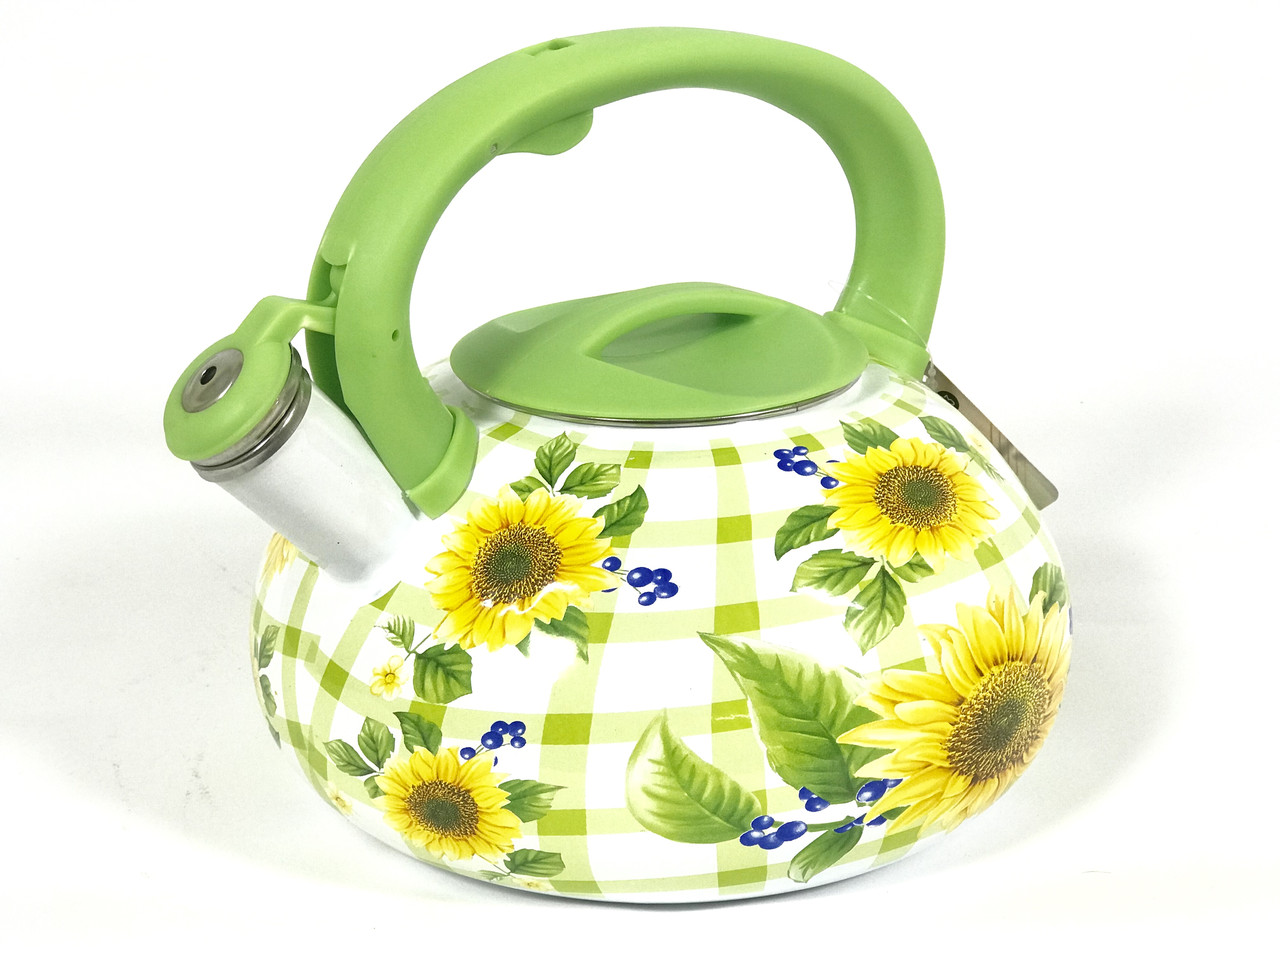 Эмалированный чайник со свистком Hoffner 4933 Сhamomile field 3,3 литра